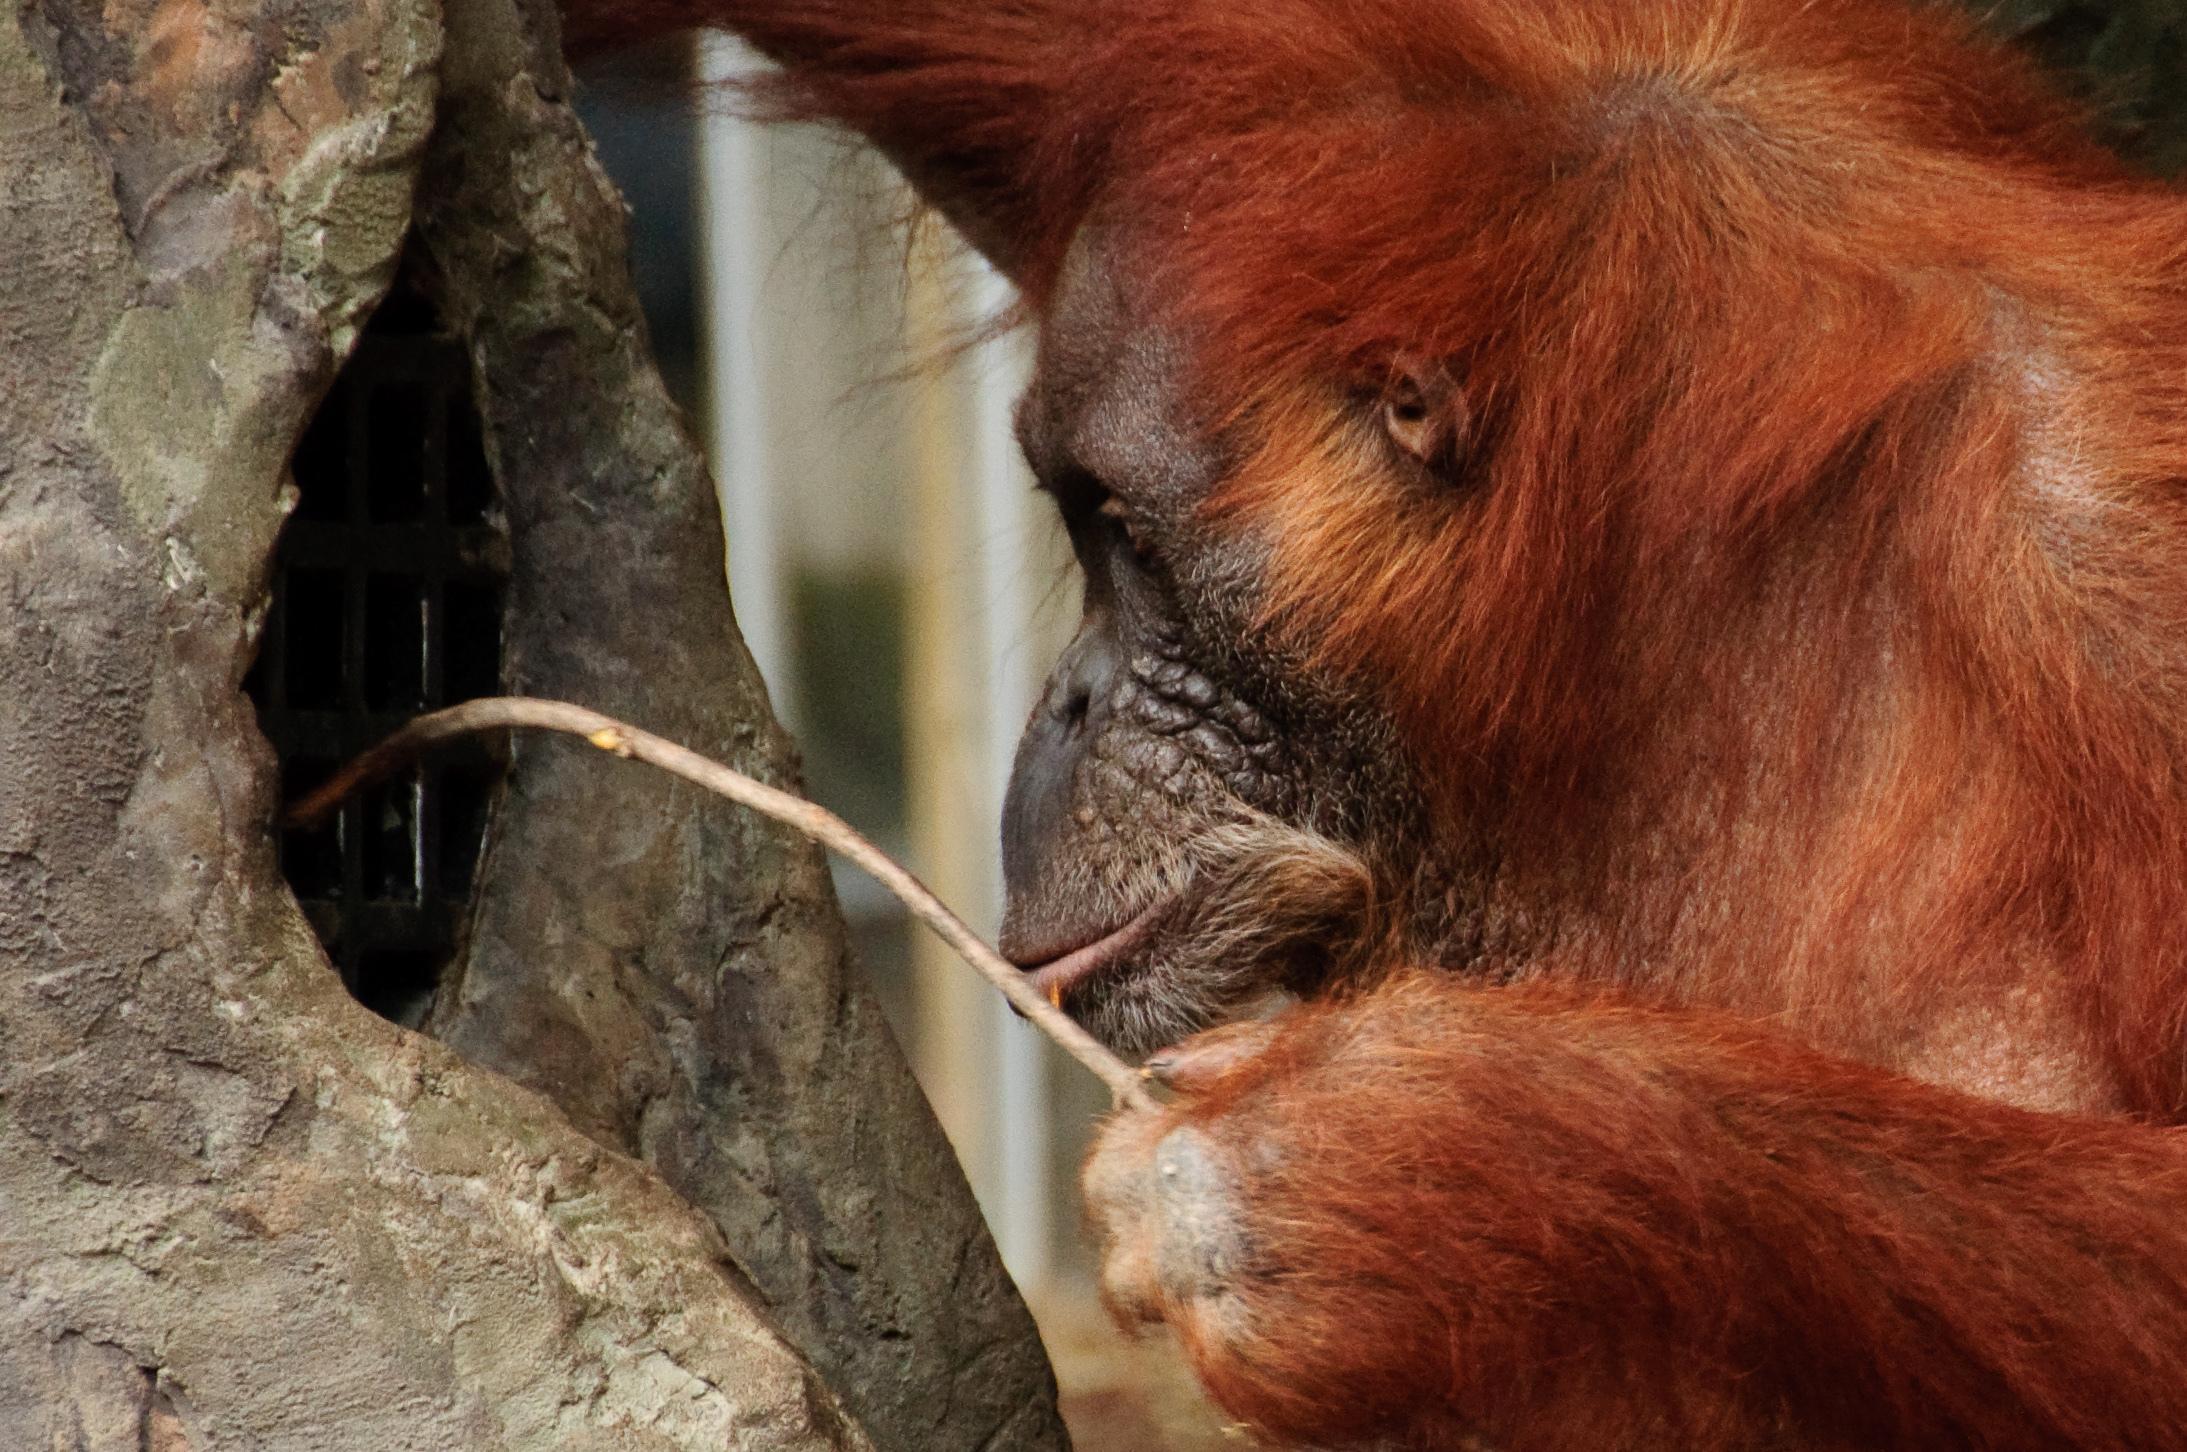 Орангутаны научились использовать орудия с выгодой для себя